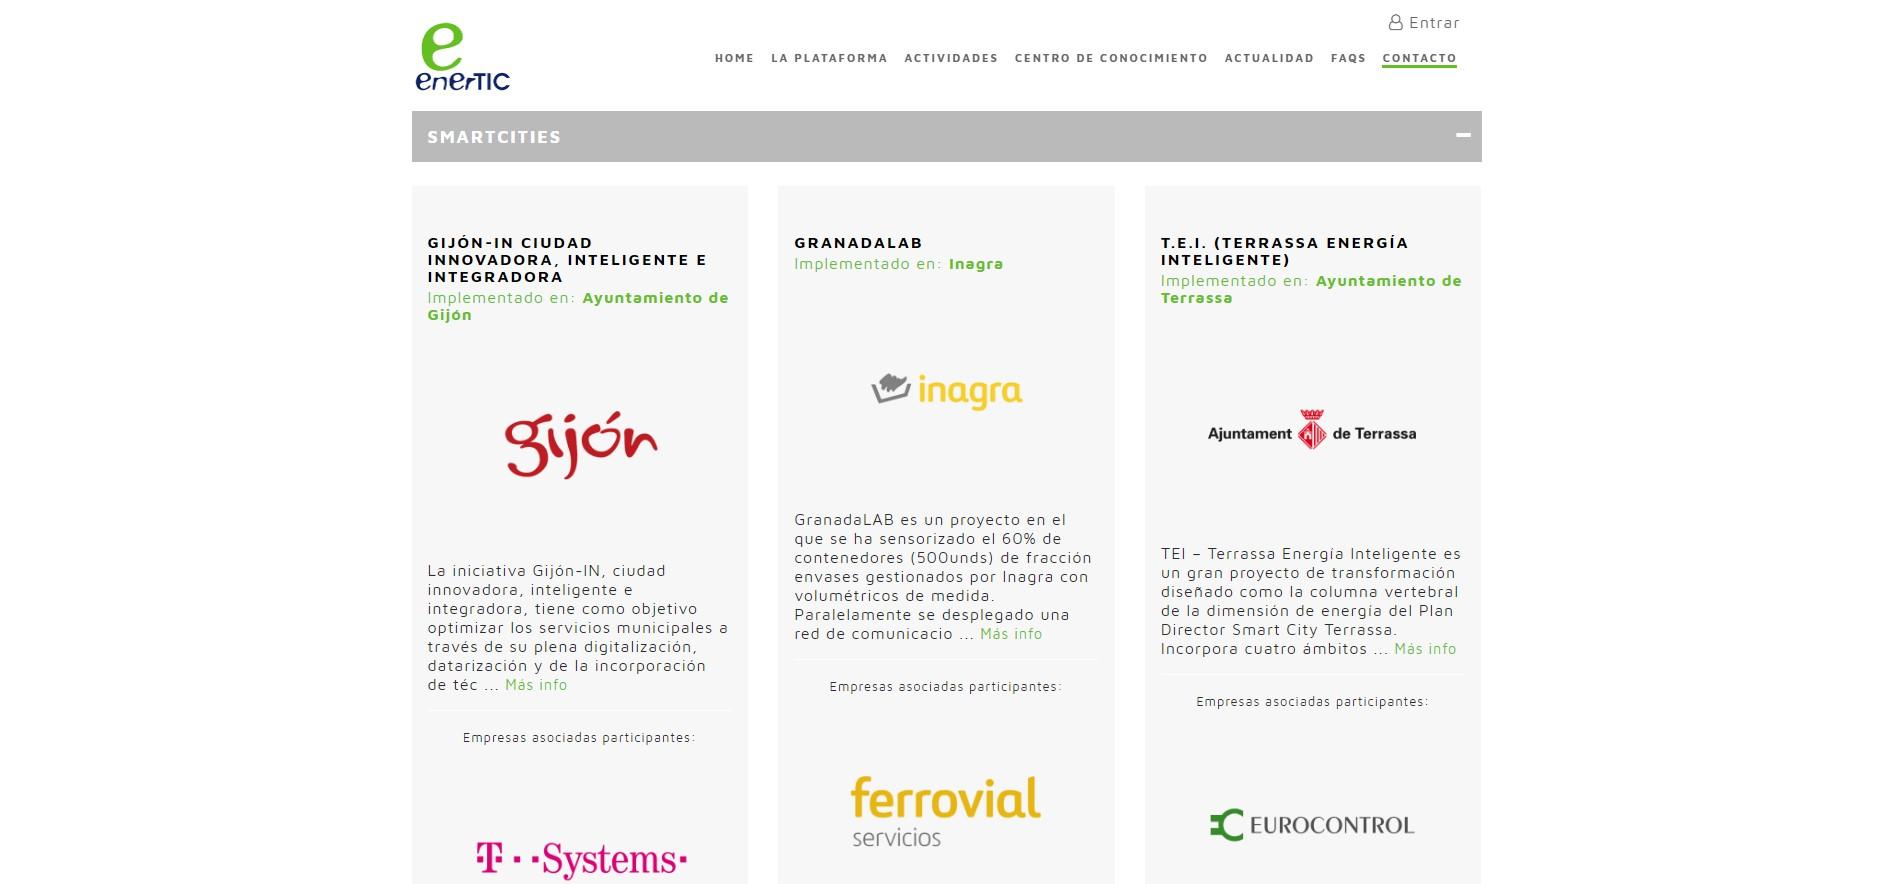 Gijón SmartCities participa en enerTIC awards